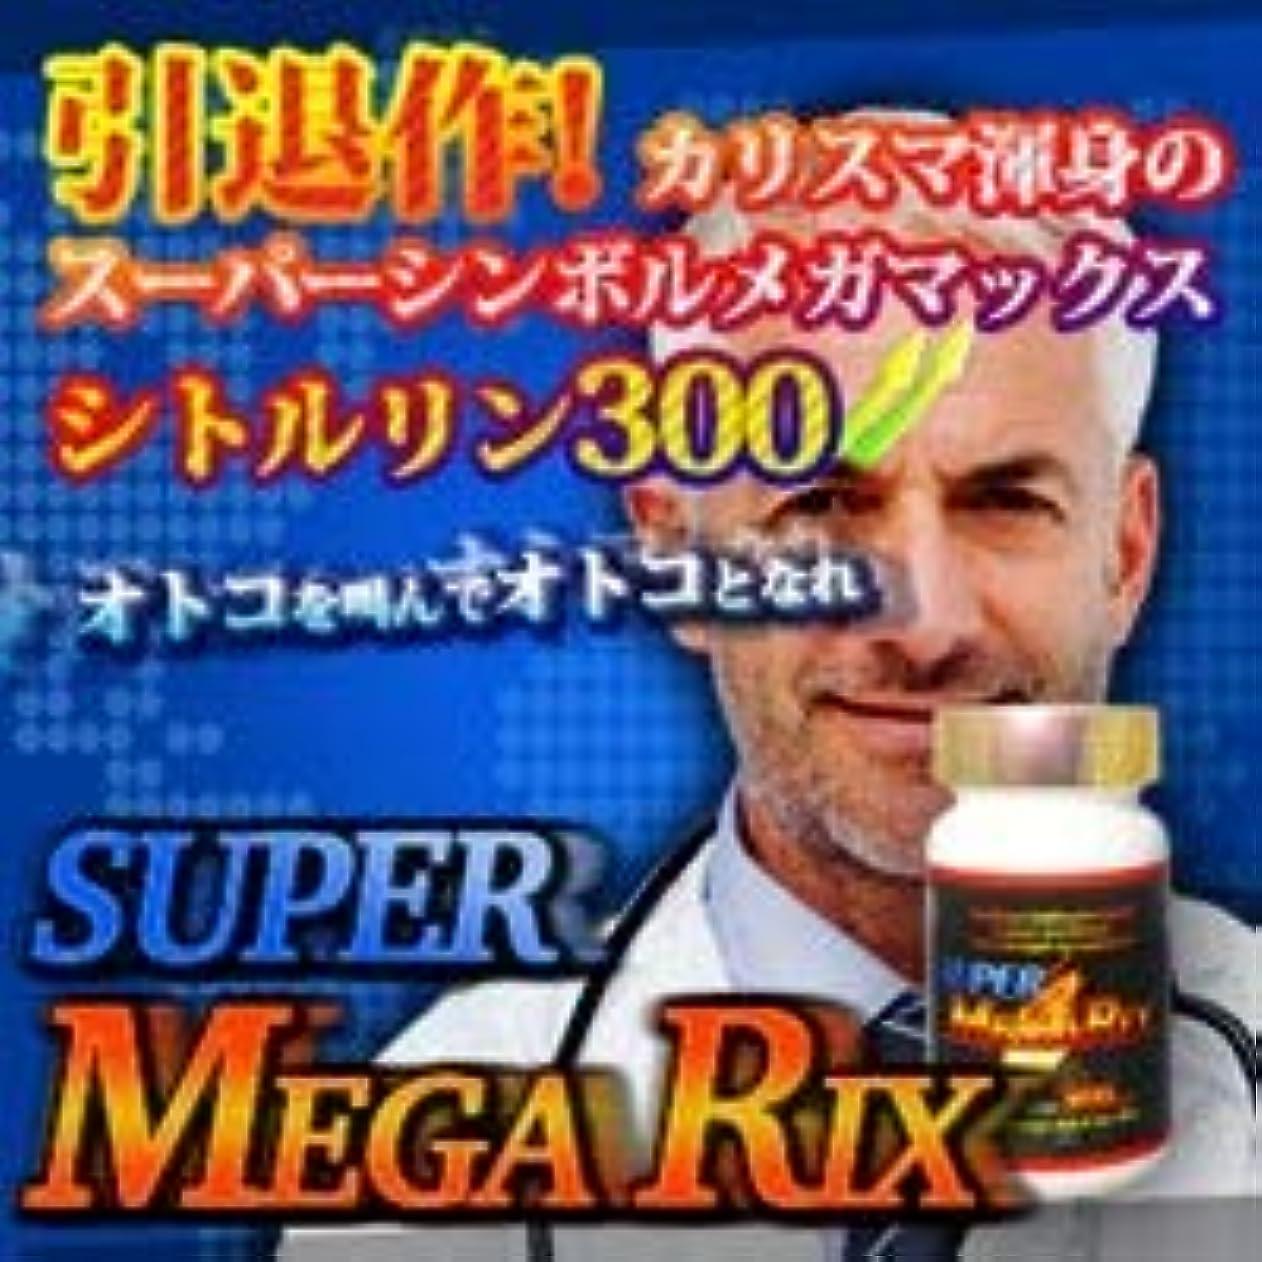 ボリューム右想定するサイオ Super Megarix(スーパーメガリクス)120錠 特別価格120錠×1個